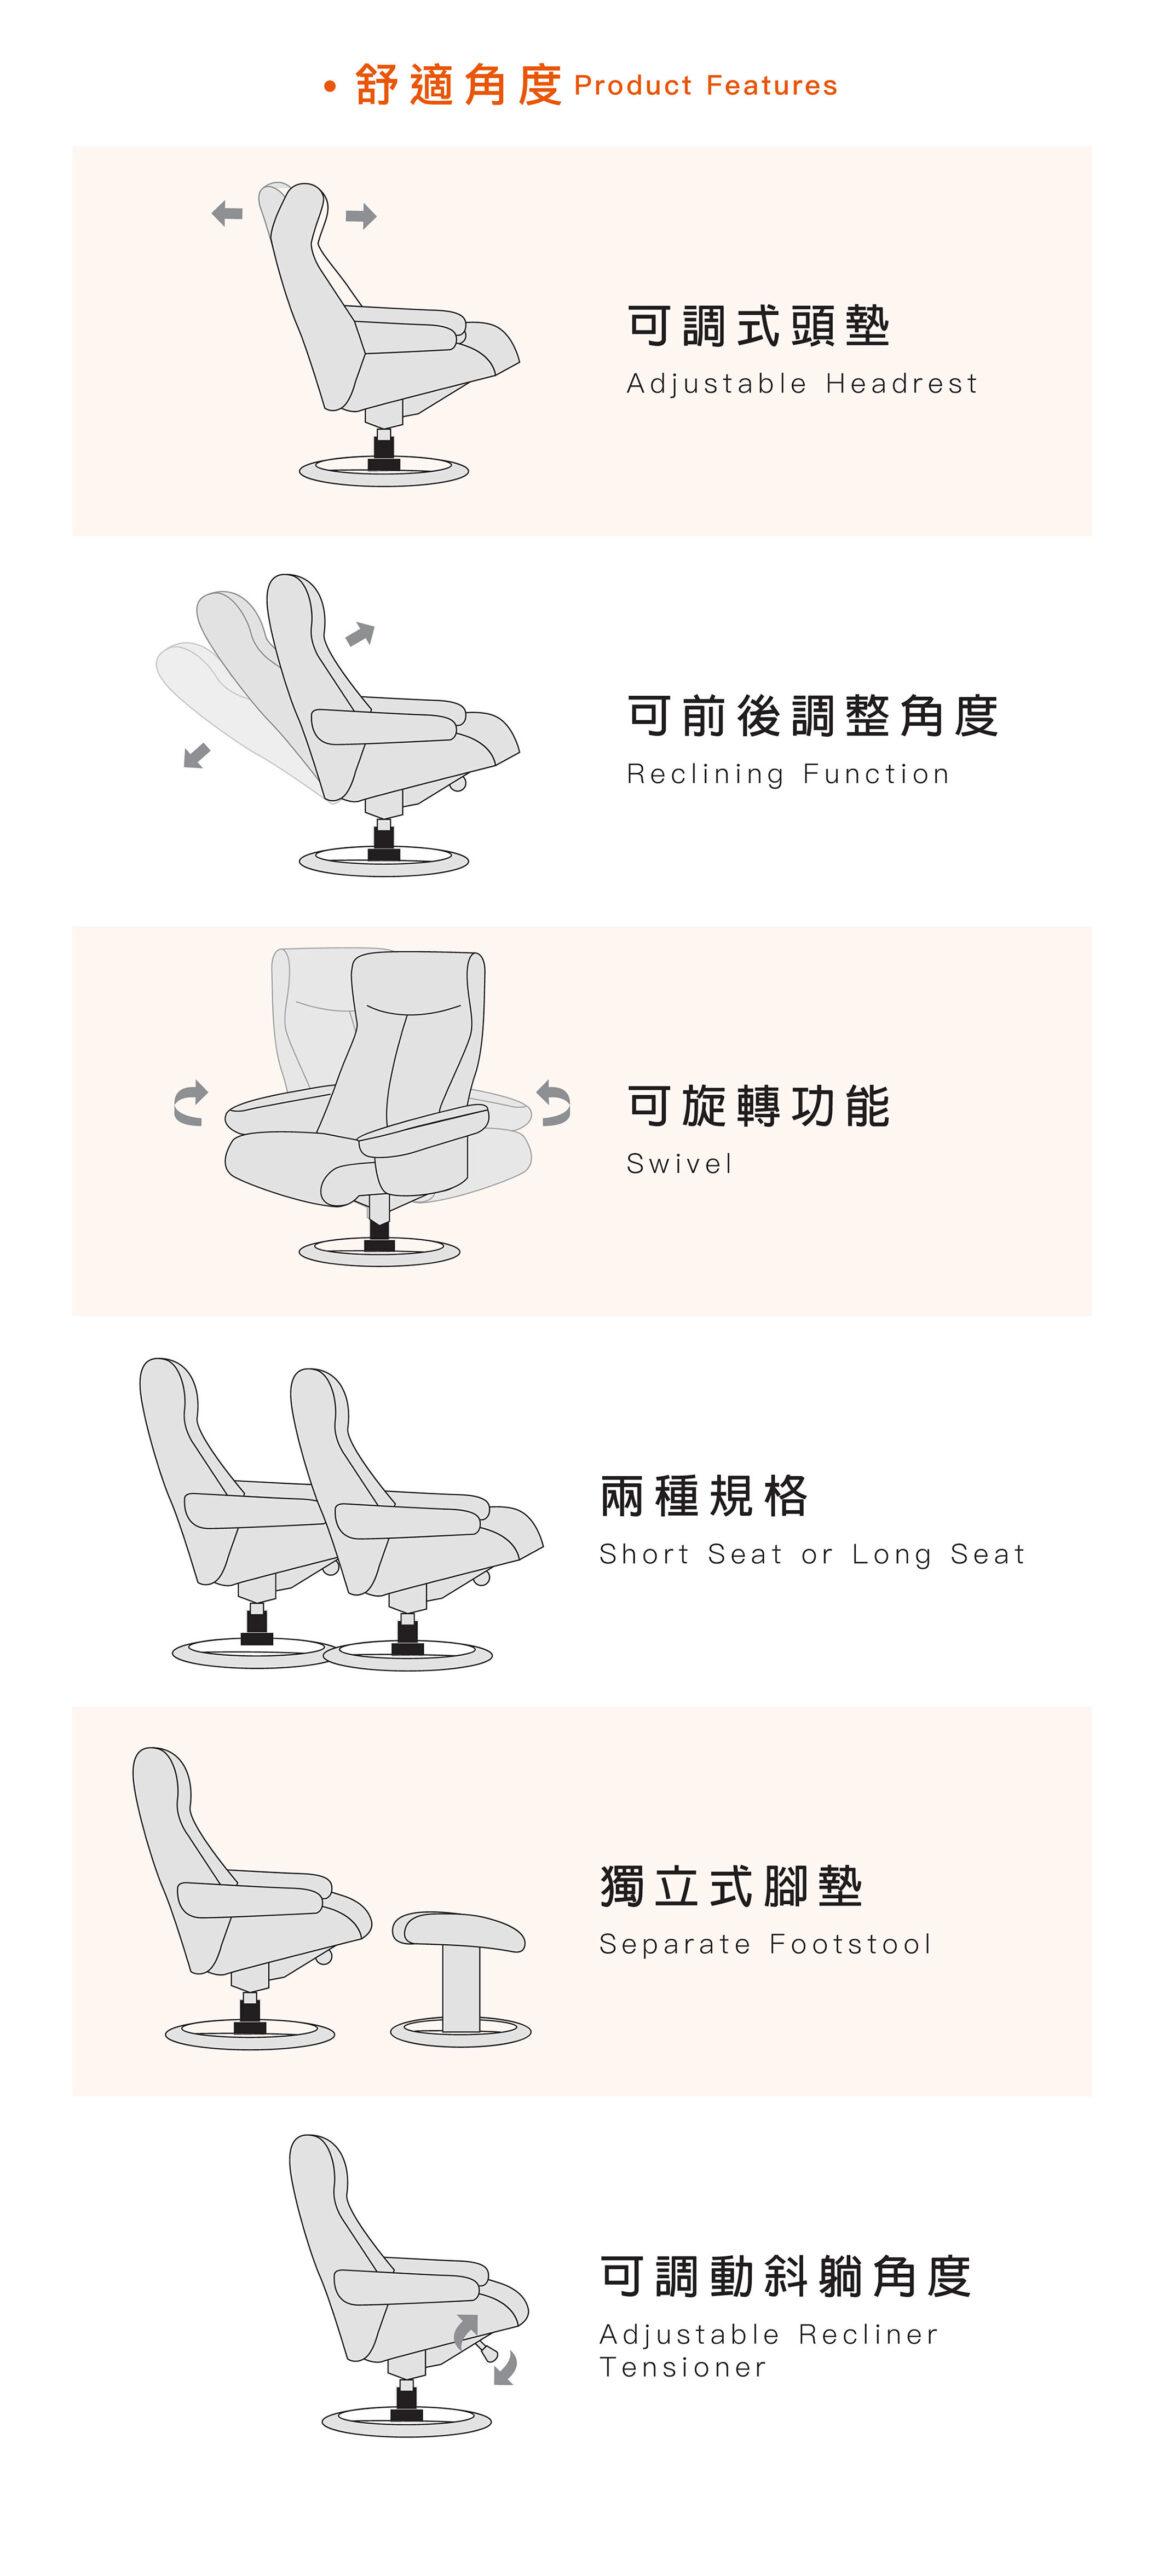 全能休閒椅 lounge chair Viva 睡眠王國集團